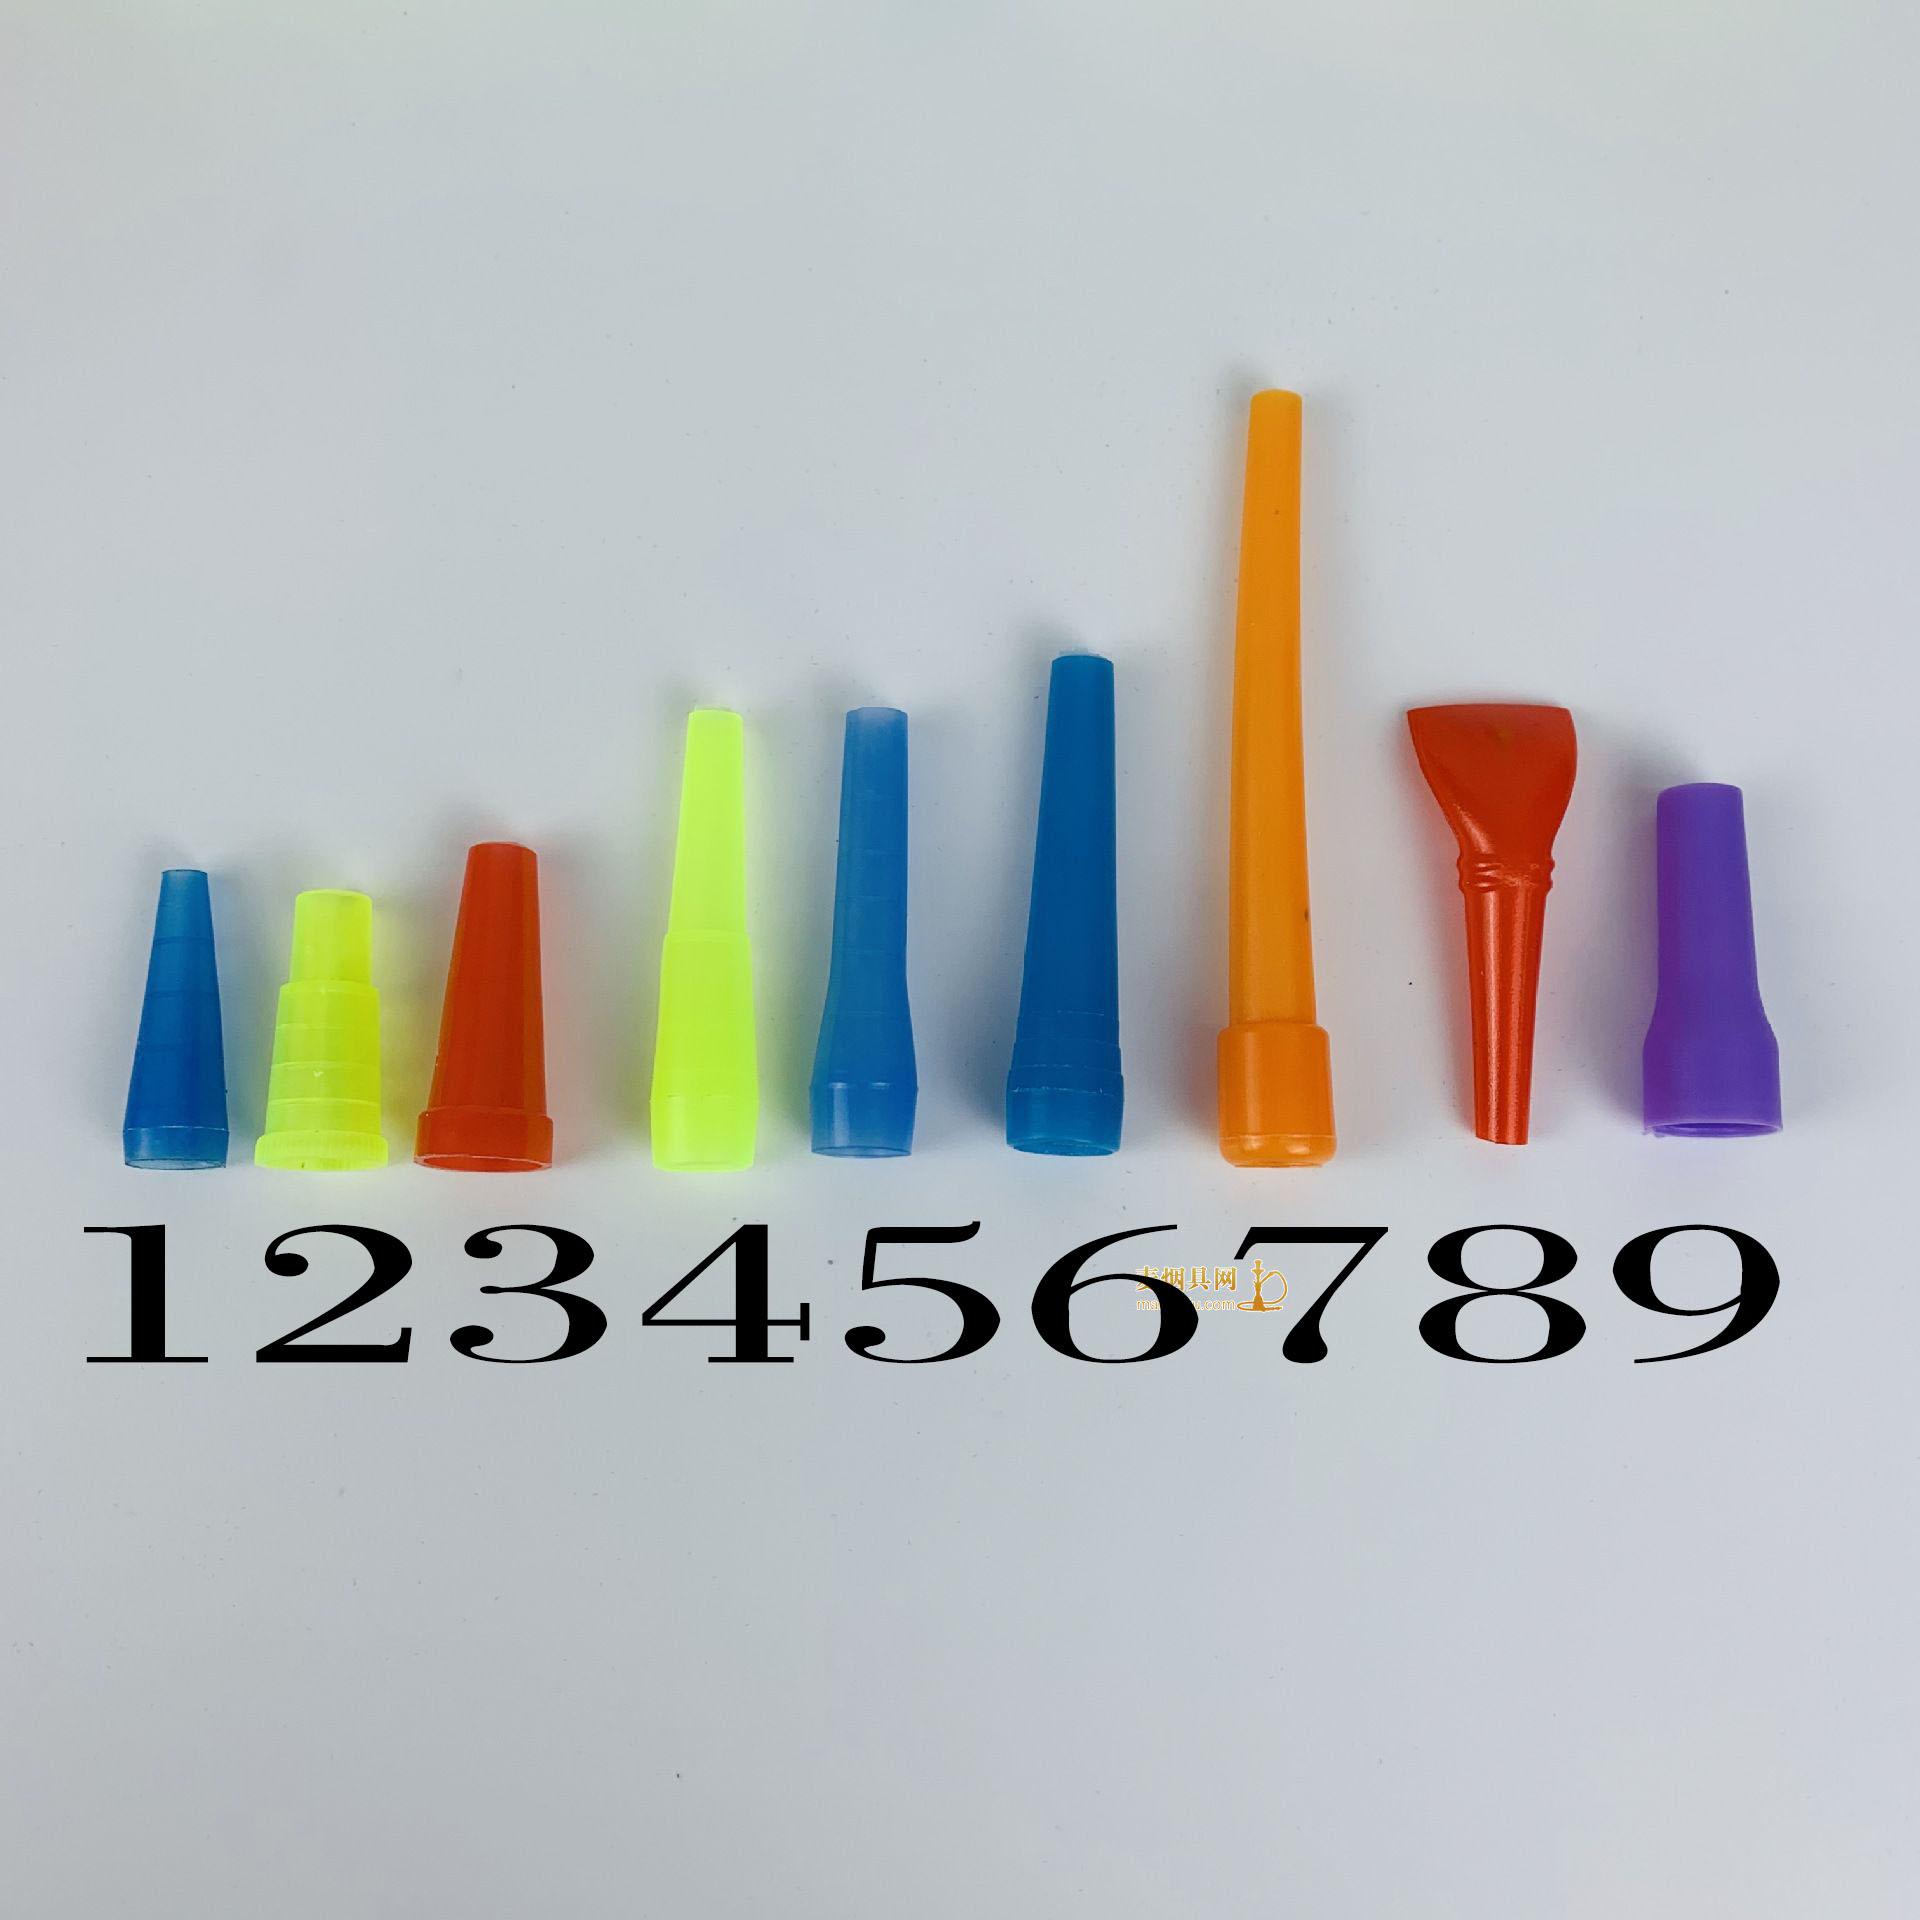 阿拉伯水烟一次性烟嘴123456789型号图片价格大全